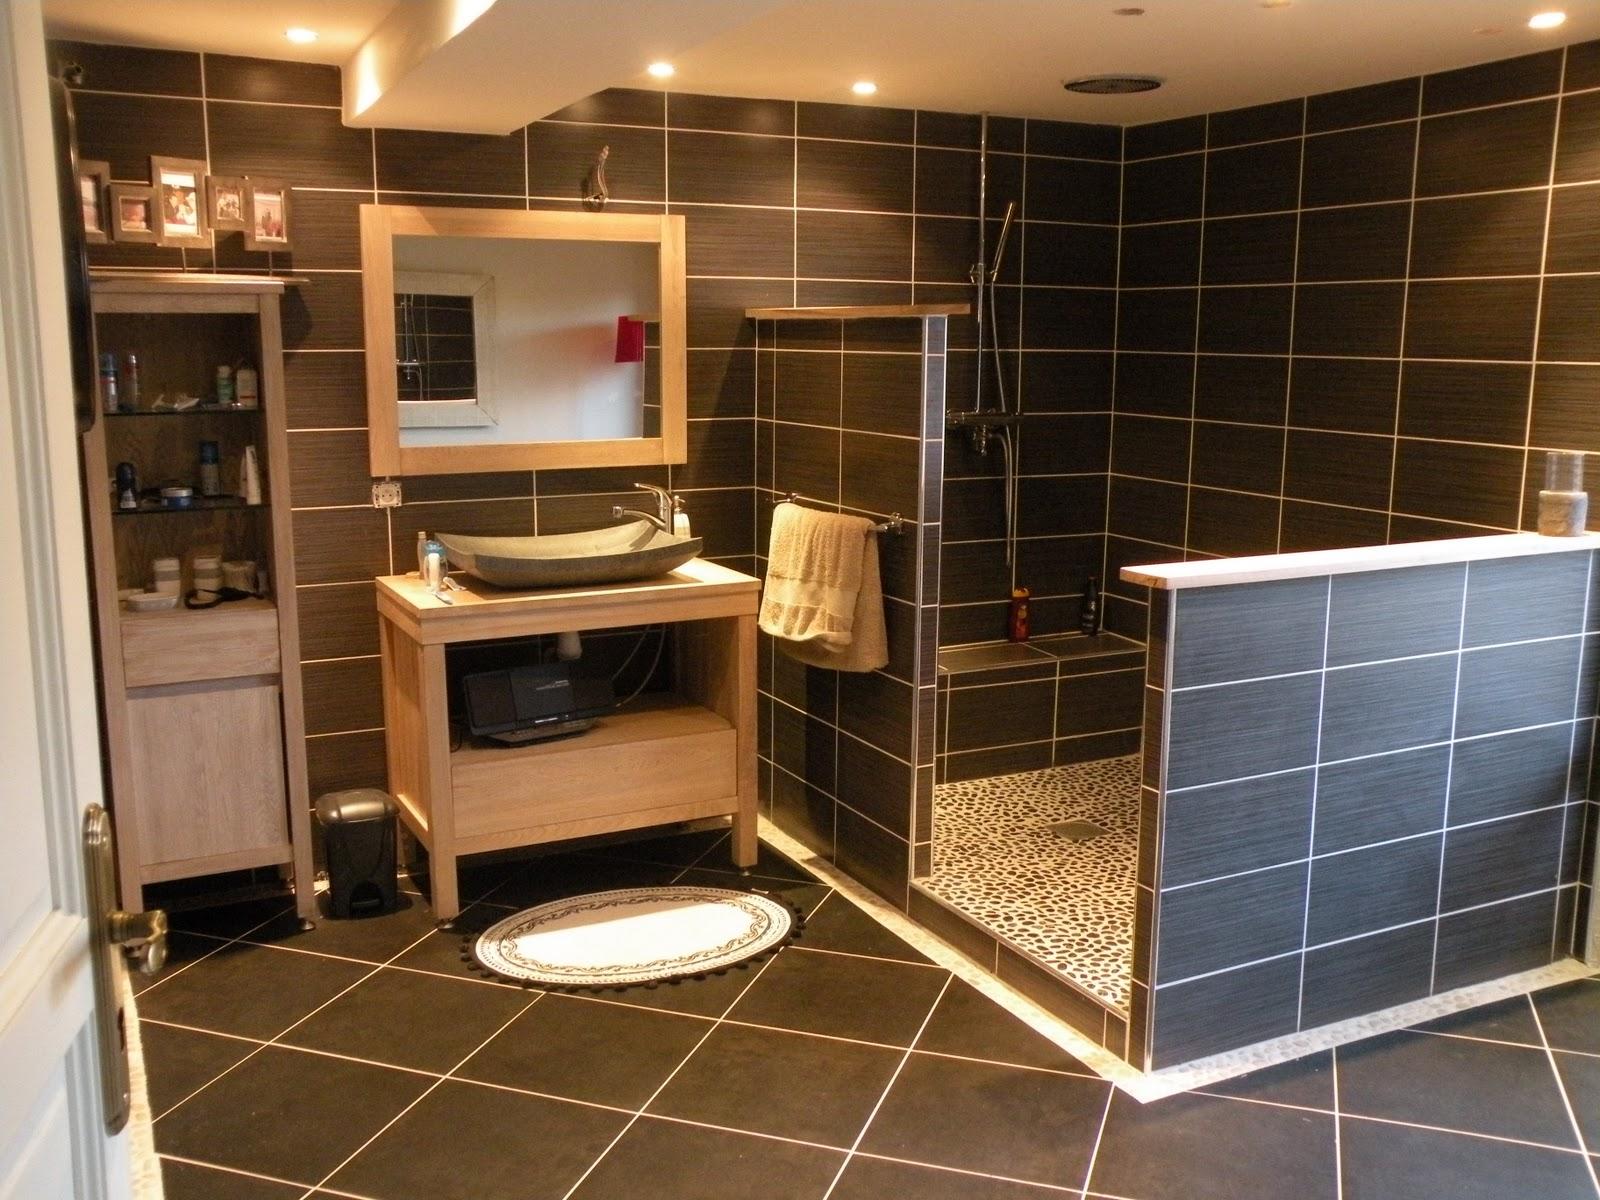 l 39 atelier des f es cr ation totale d 39 une salle de bain ambiance masculine. Black Bedroom Furniture Sets. Home Design Ideas